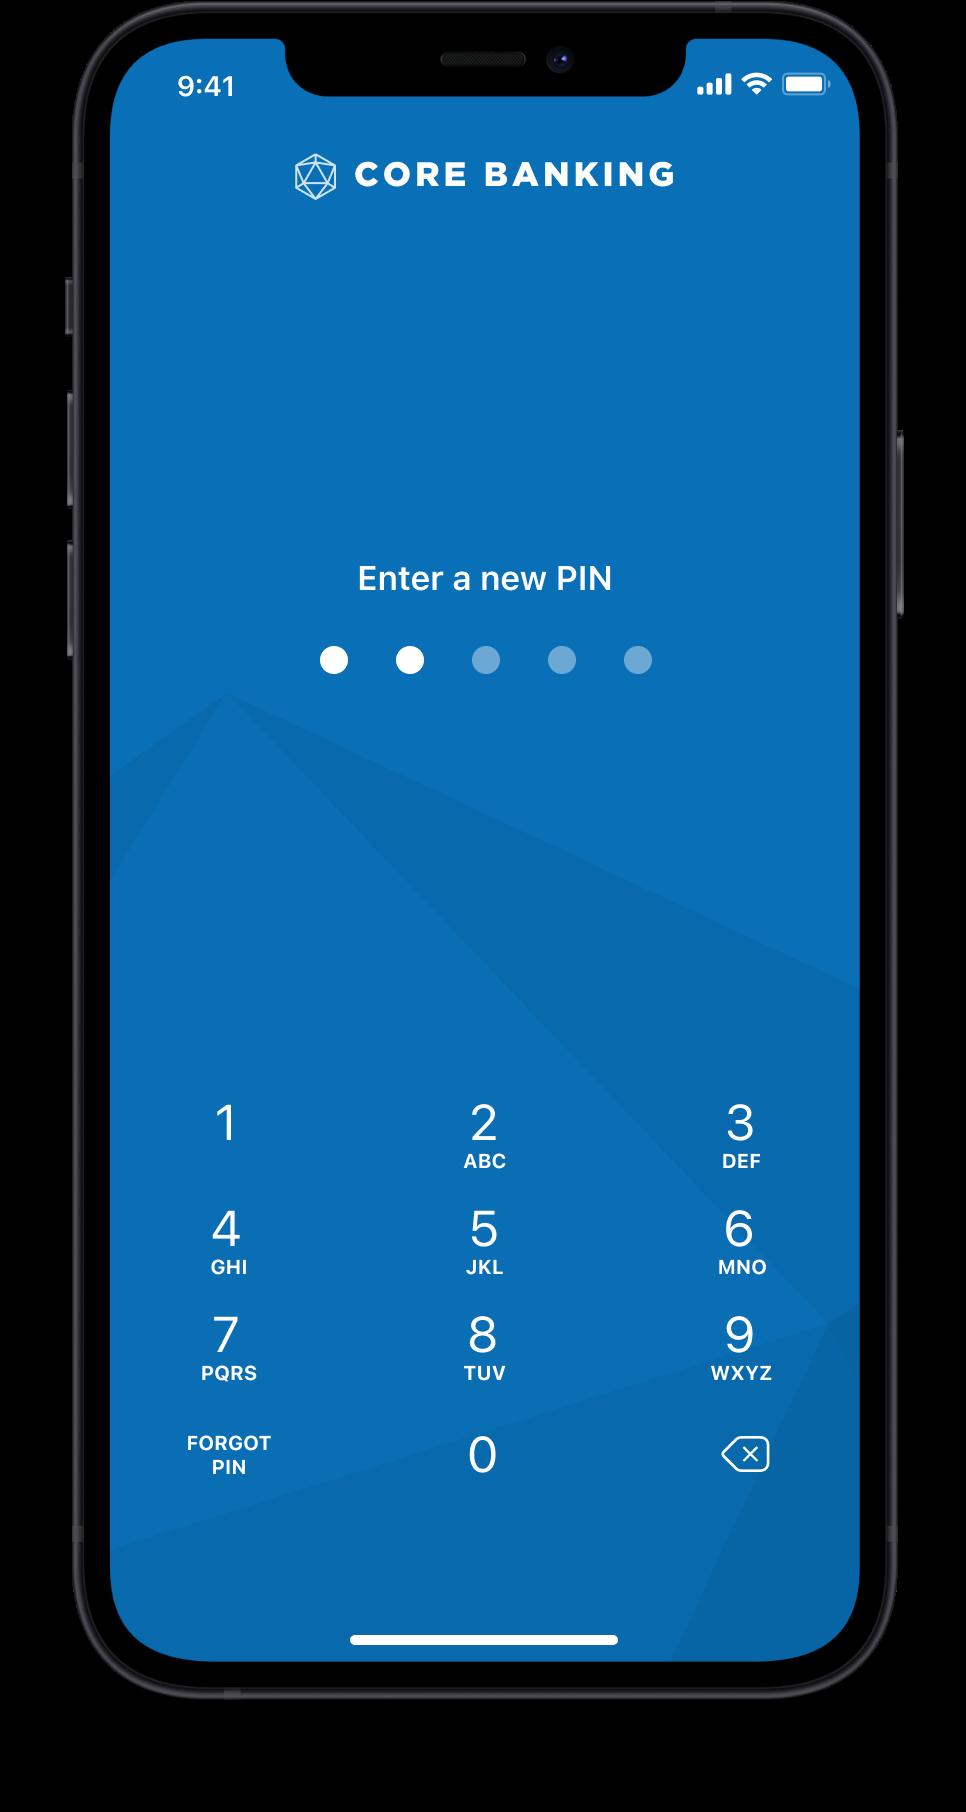 mobile-banking-app-pin